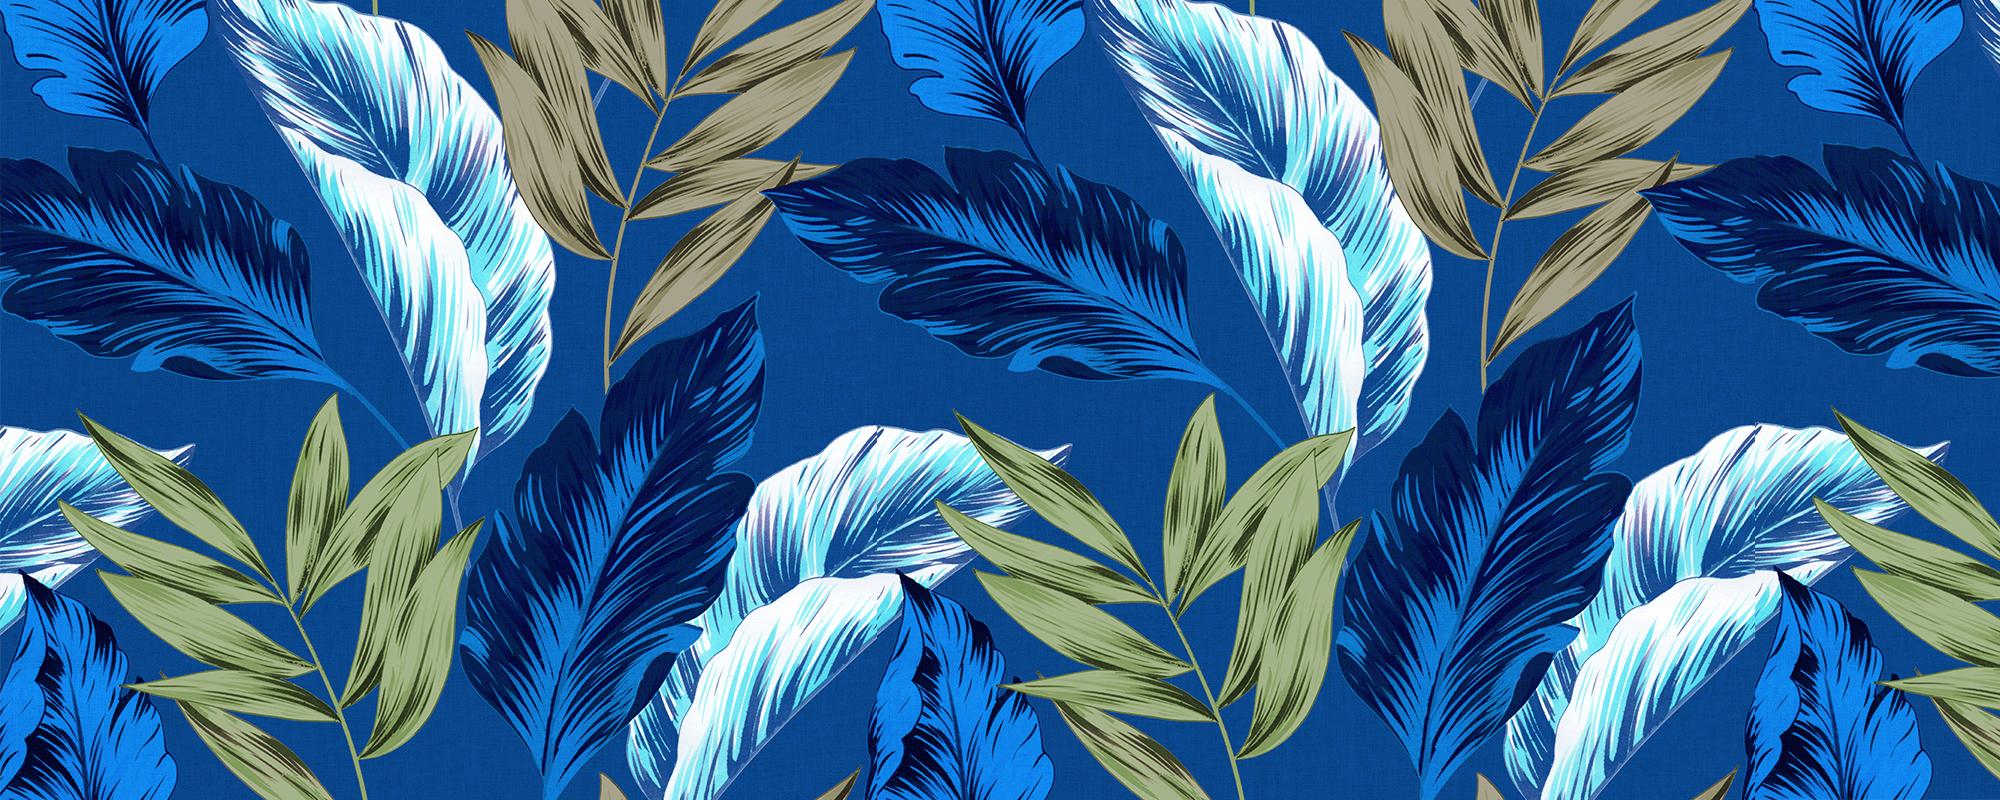 Papier peint feuilles exotiques bleues